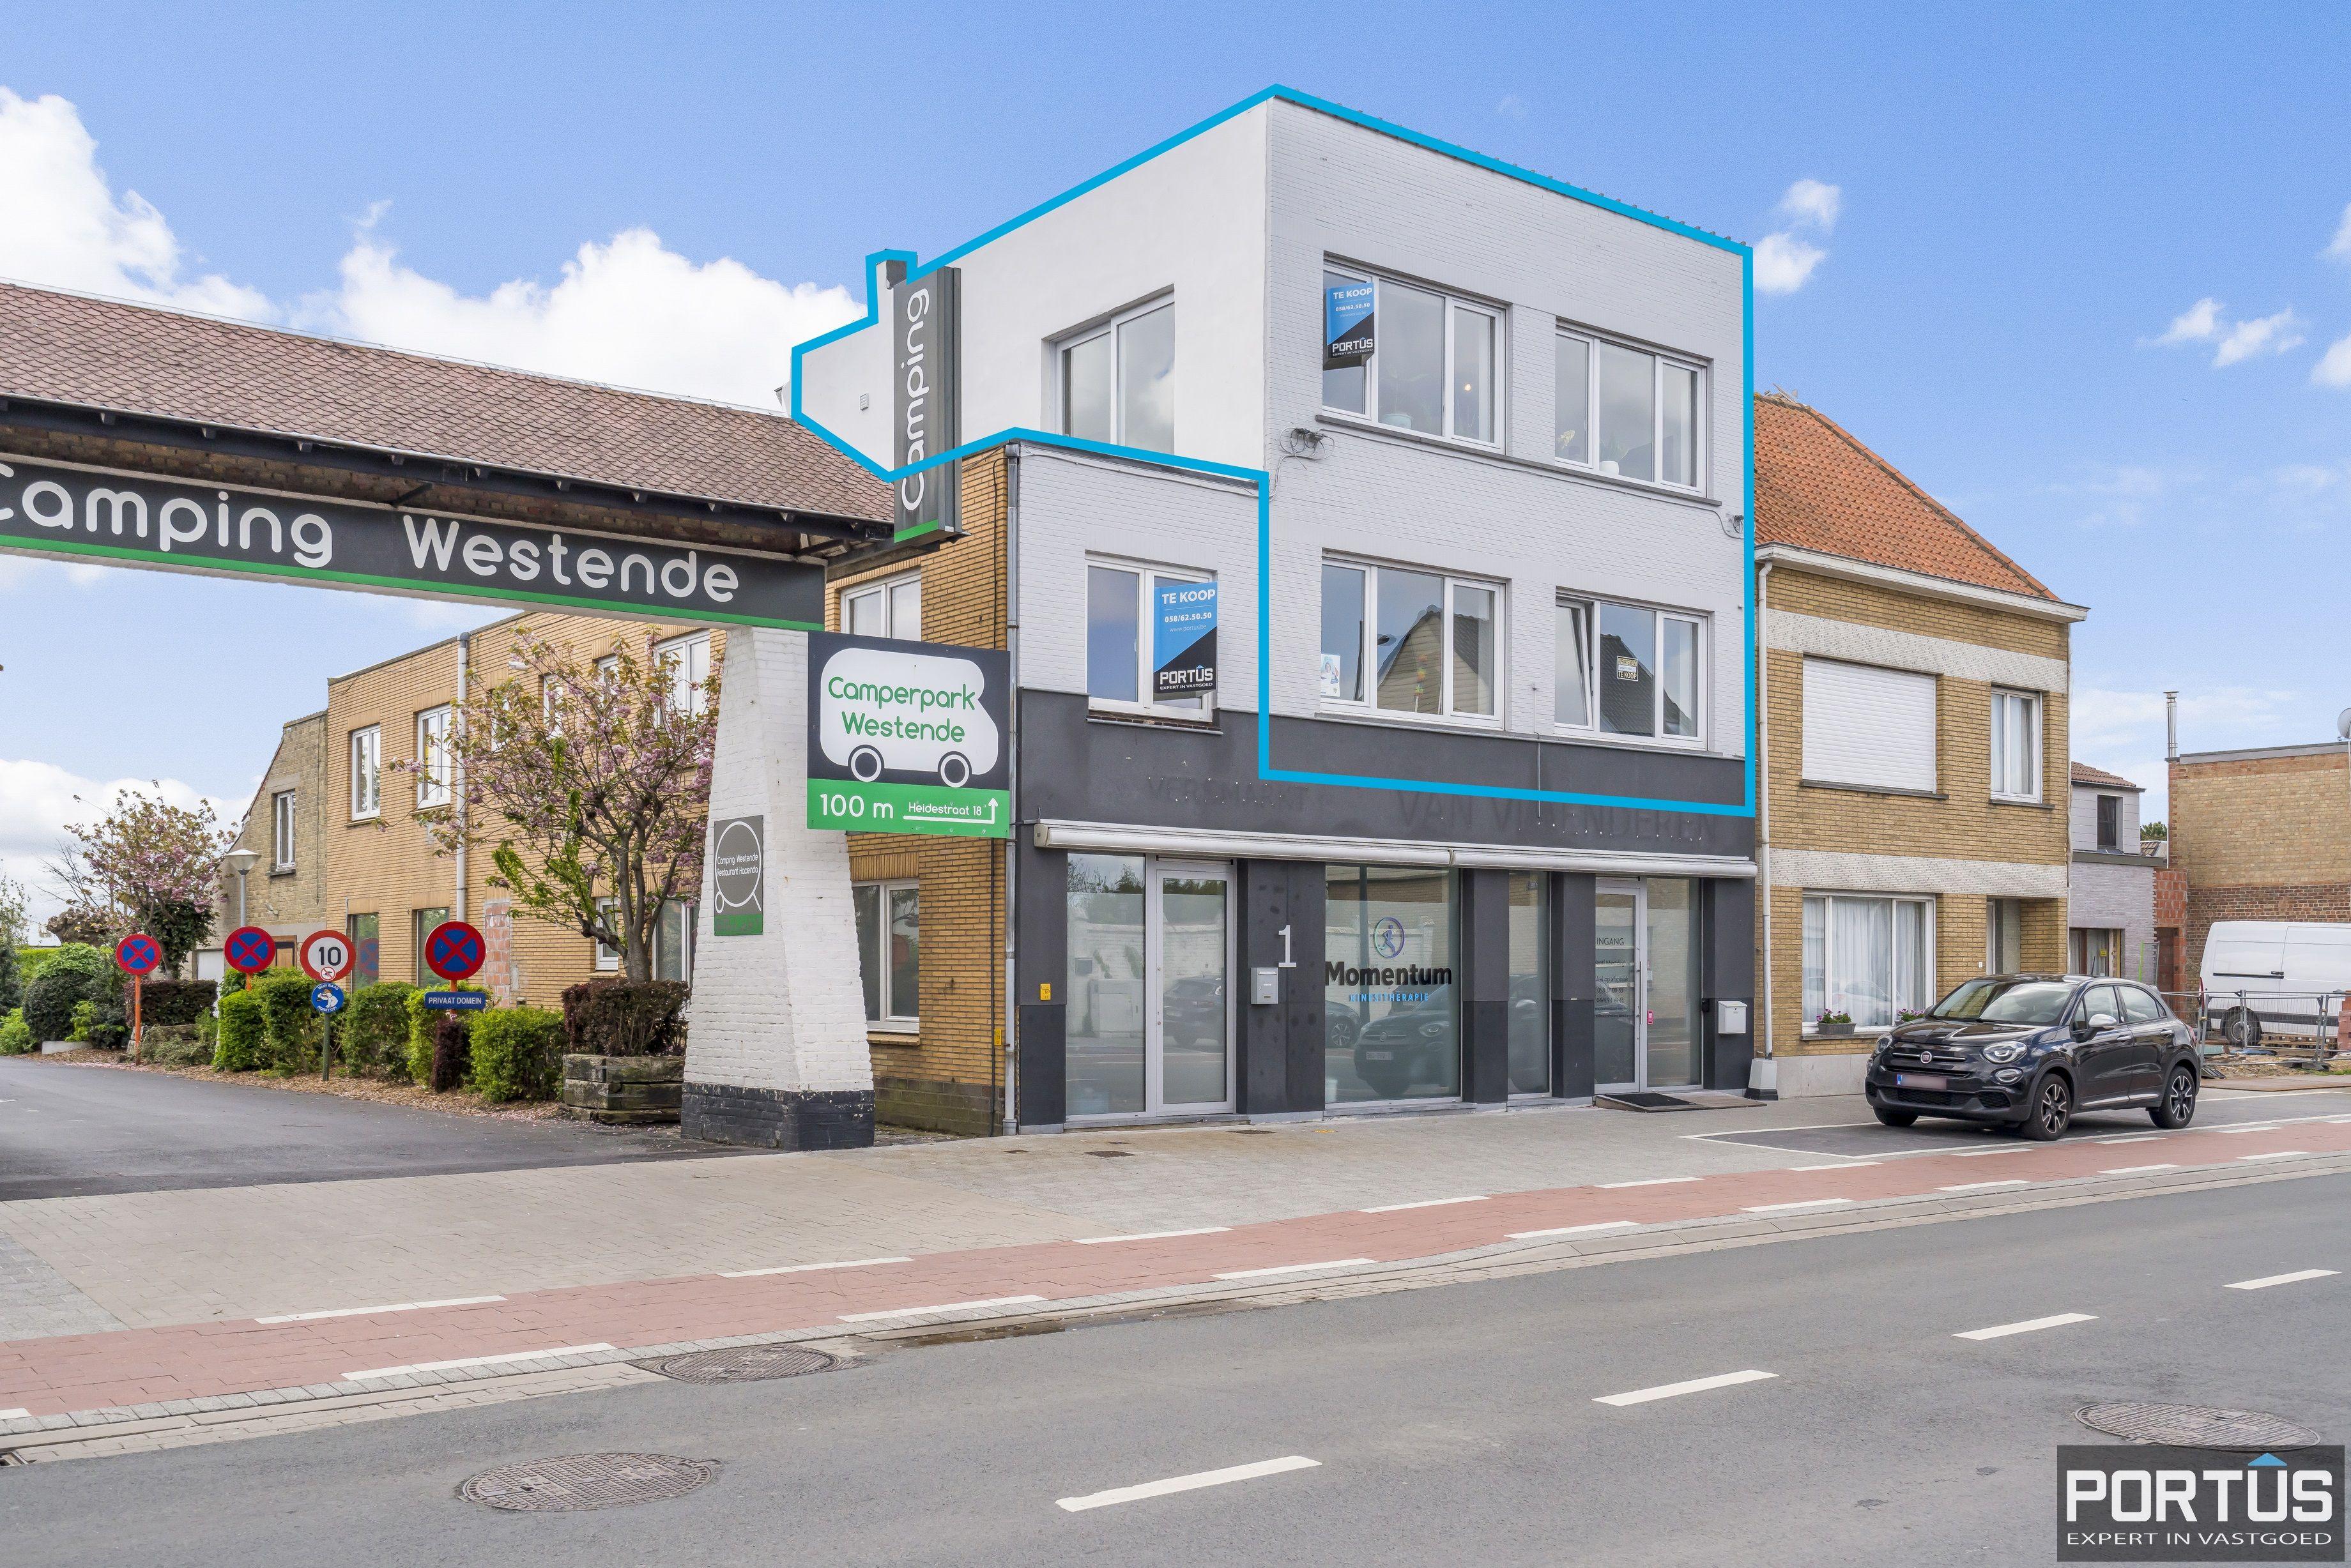 Appartement met 3 slaapkamers te koop te Westende - 13506